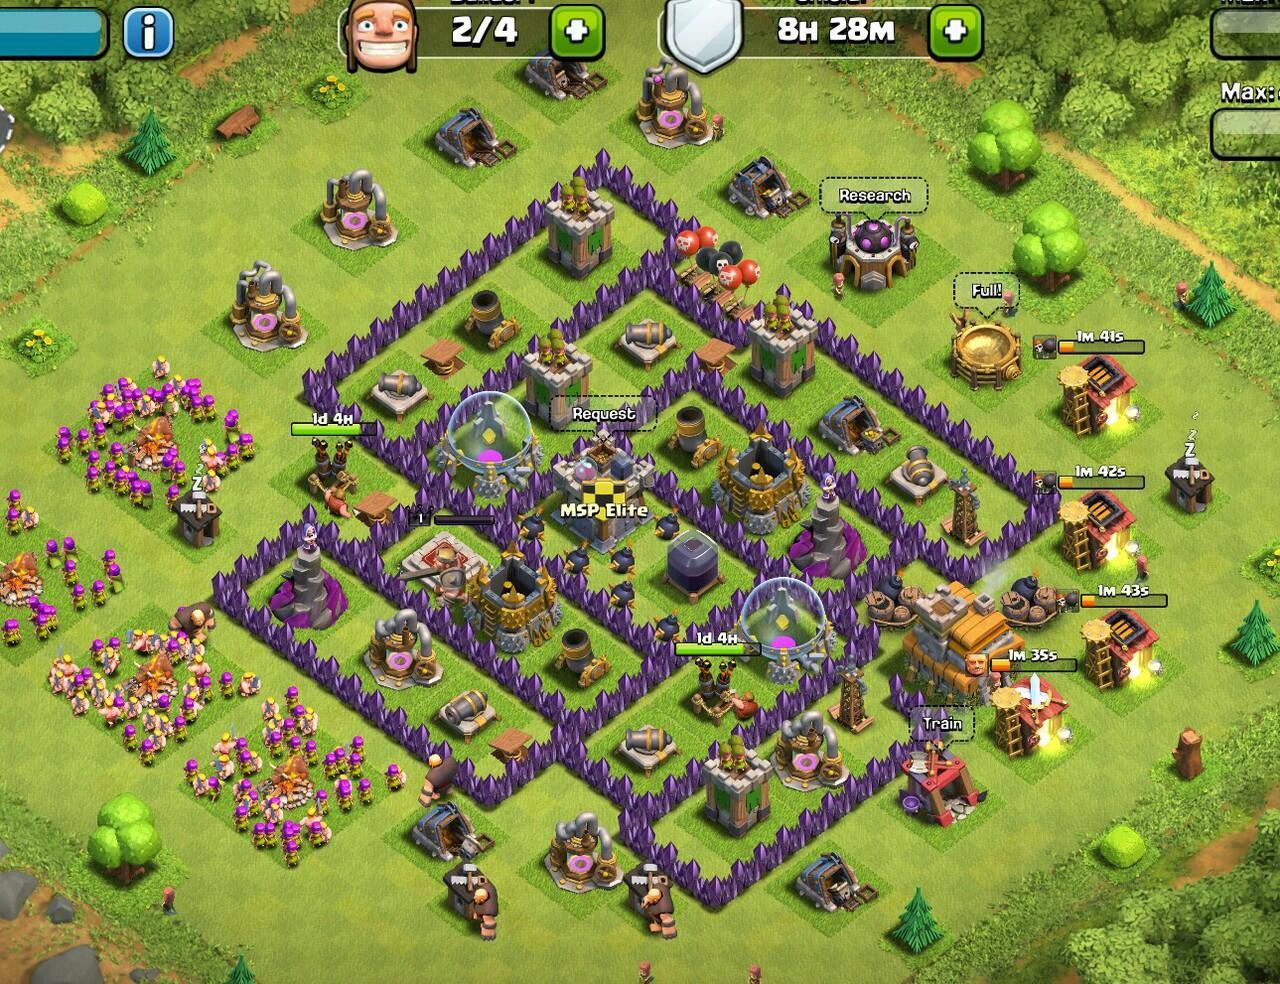 jual cepat Clash of clan TH7 defense max dan troops max